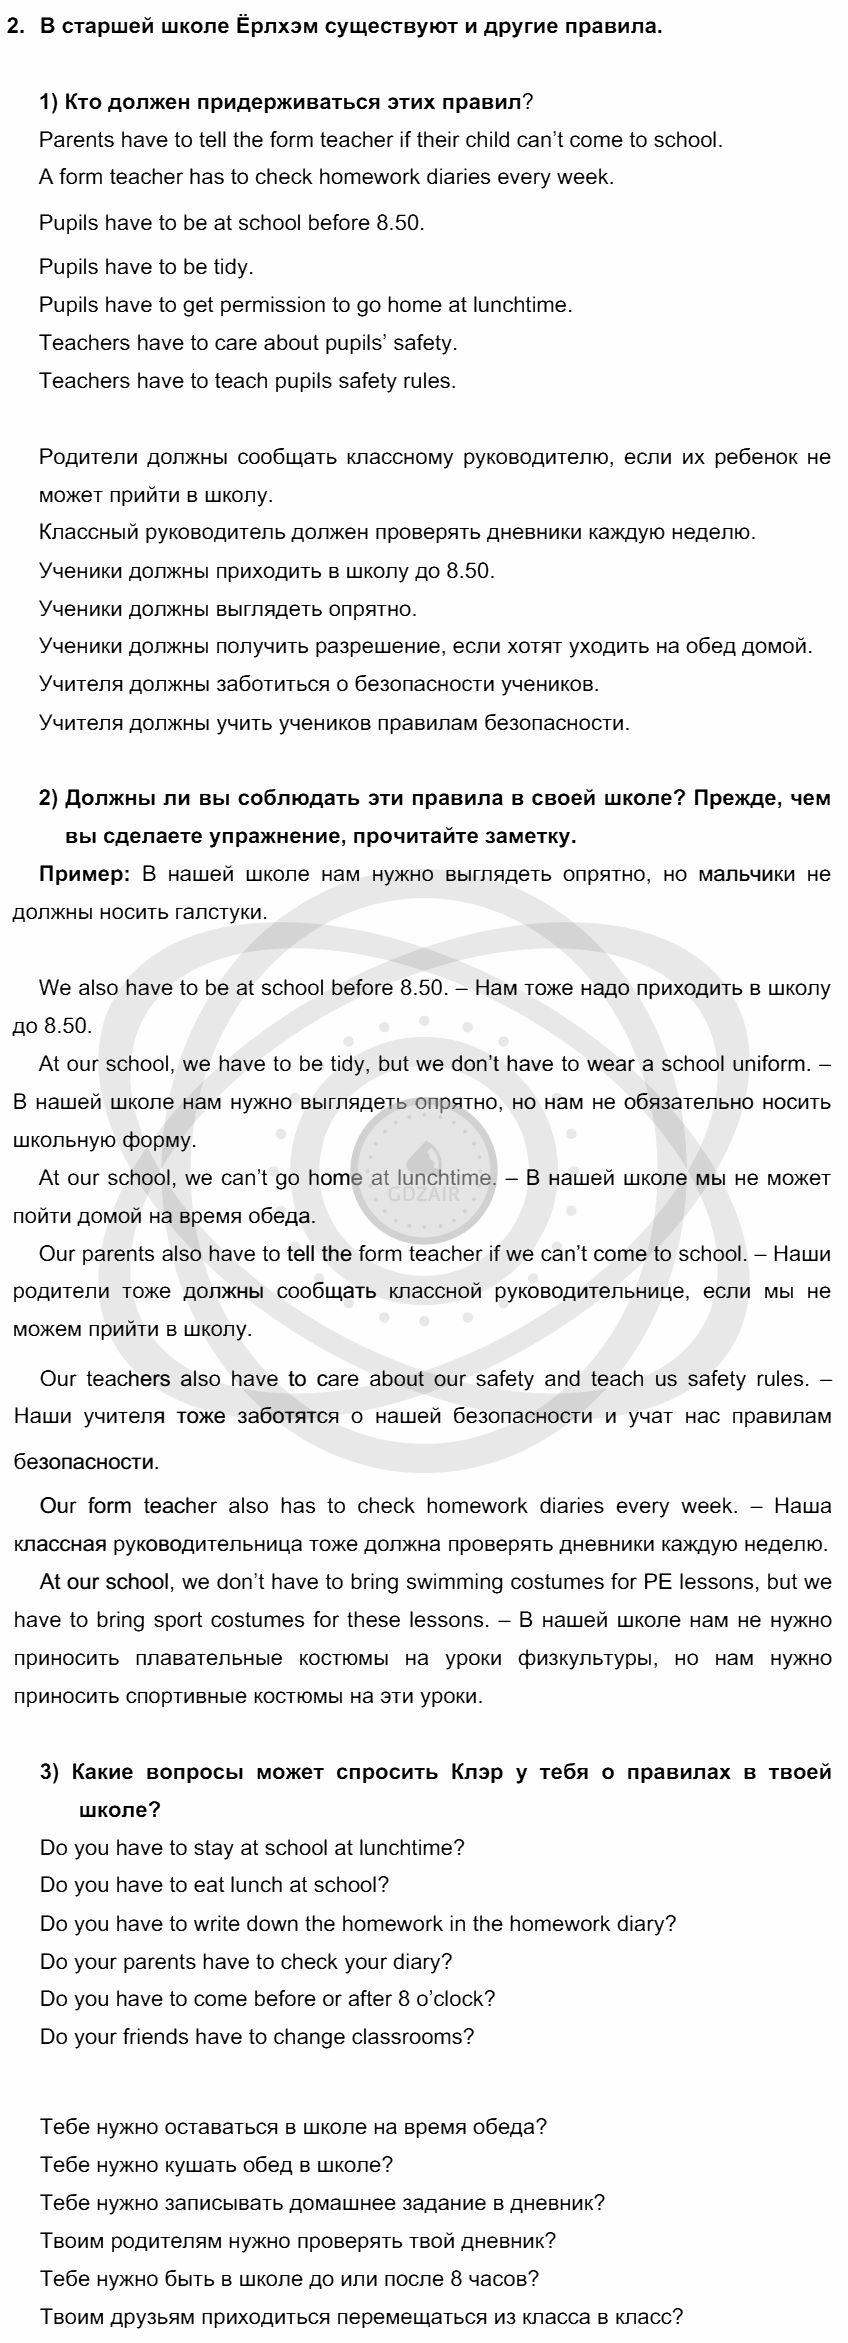 Английский язык 5 класс Кузовлев В. П. Unit 2. Правила вокруг нас / Урок 2: 2